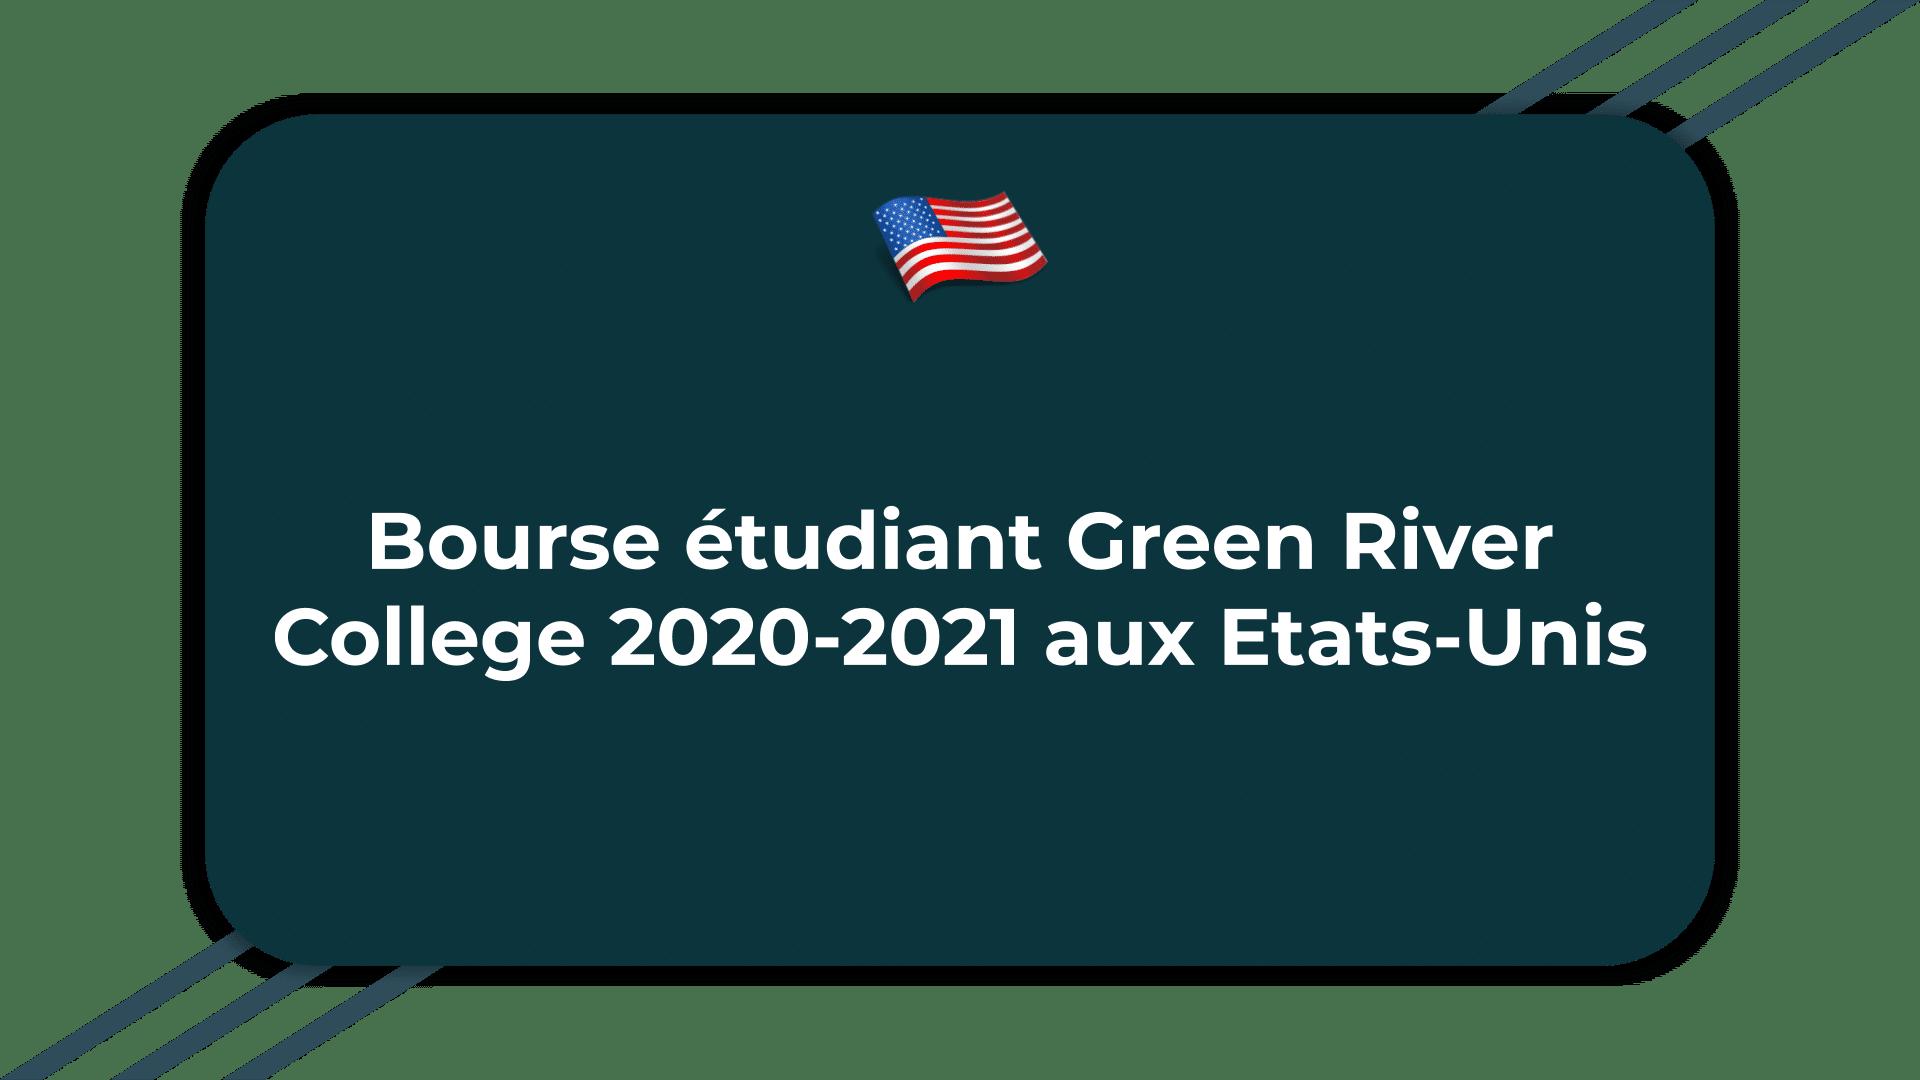 Bourse étudiant Green River College